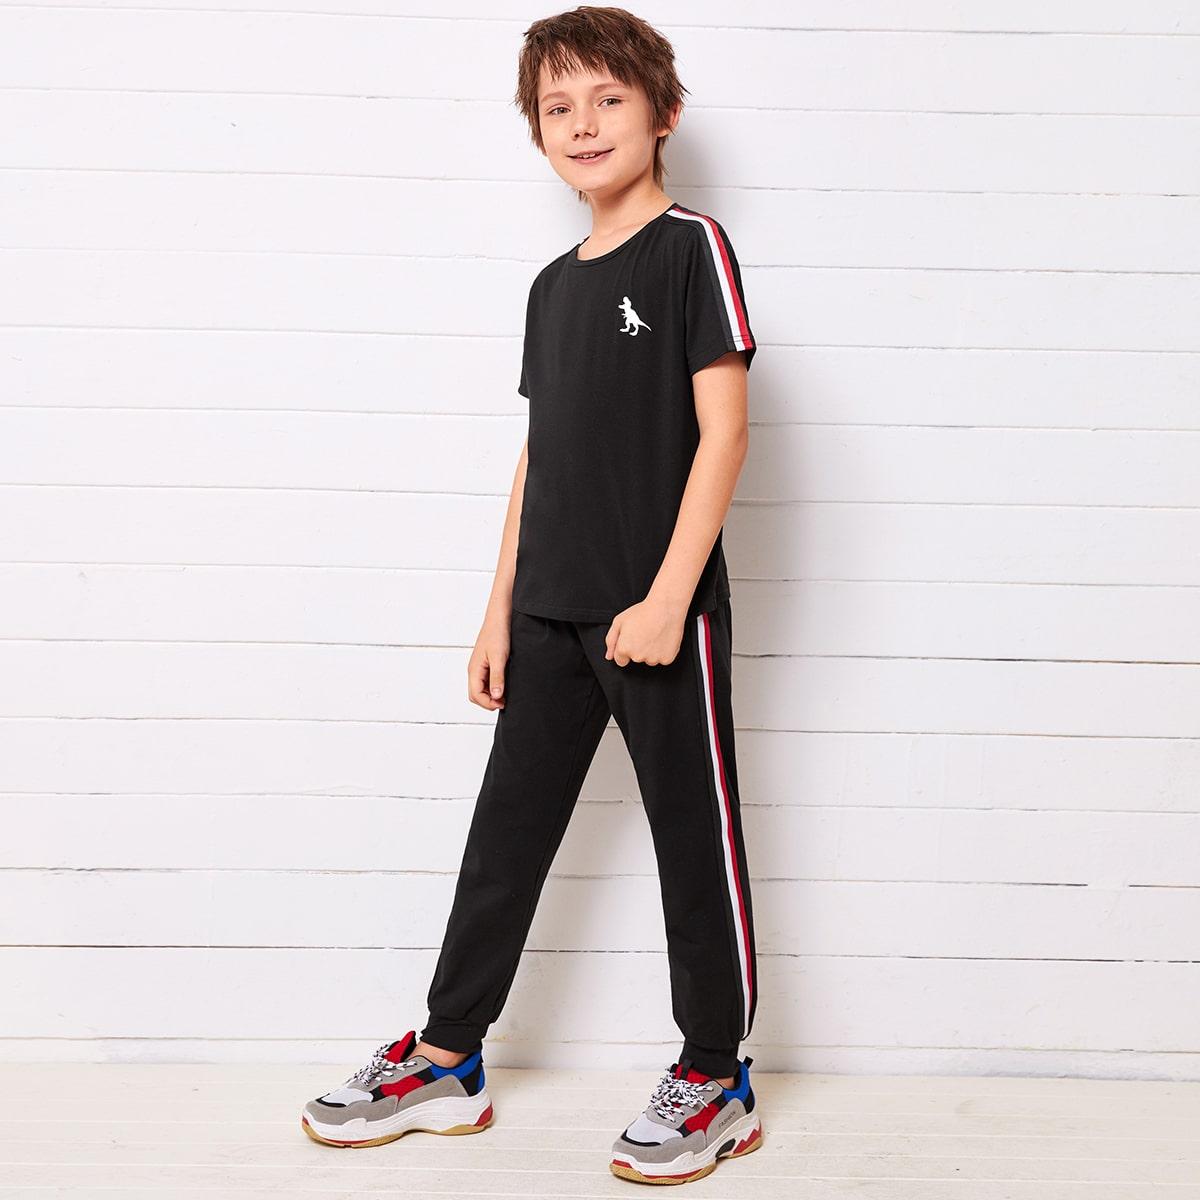 Топ с принтом динозавра и спортивные брюки для мальчиков от SHEIN